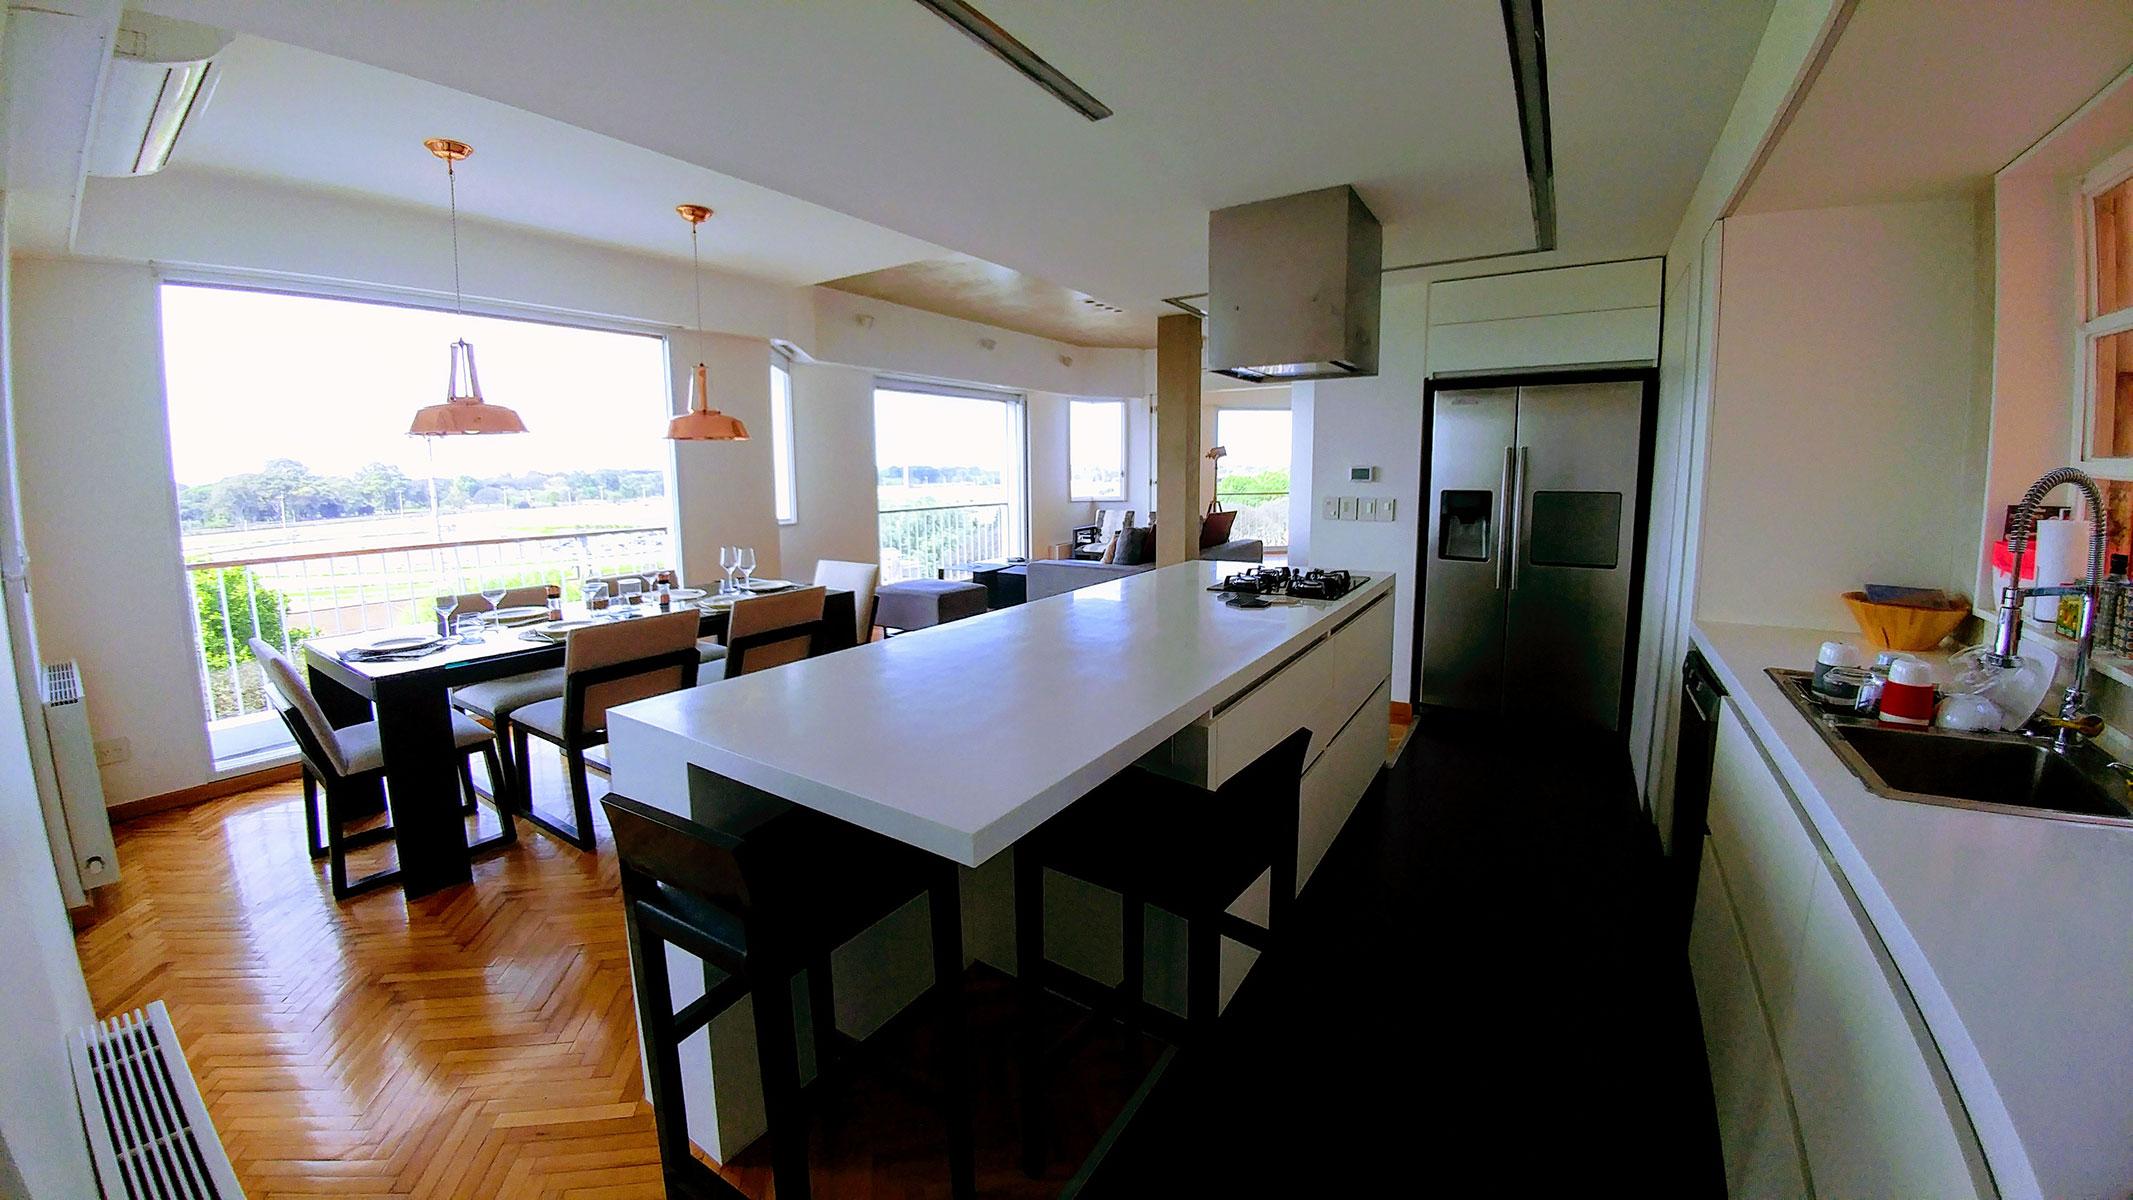 Diseño interior y reforma de arquitectura, cocina abierta, integrada o americana, en corian blanco, detalles en acero inox y lamparas de cobre